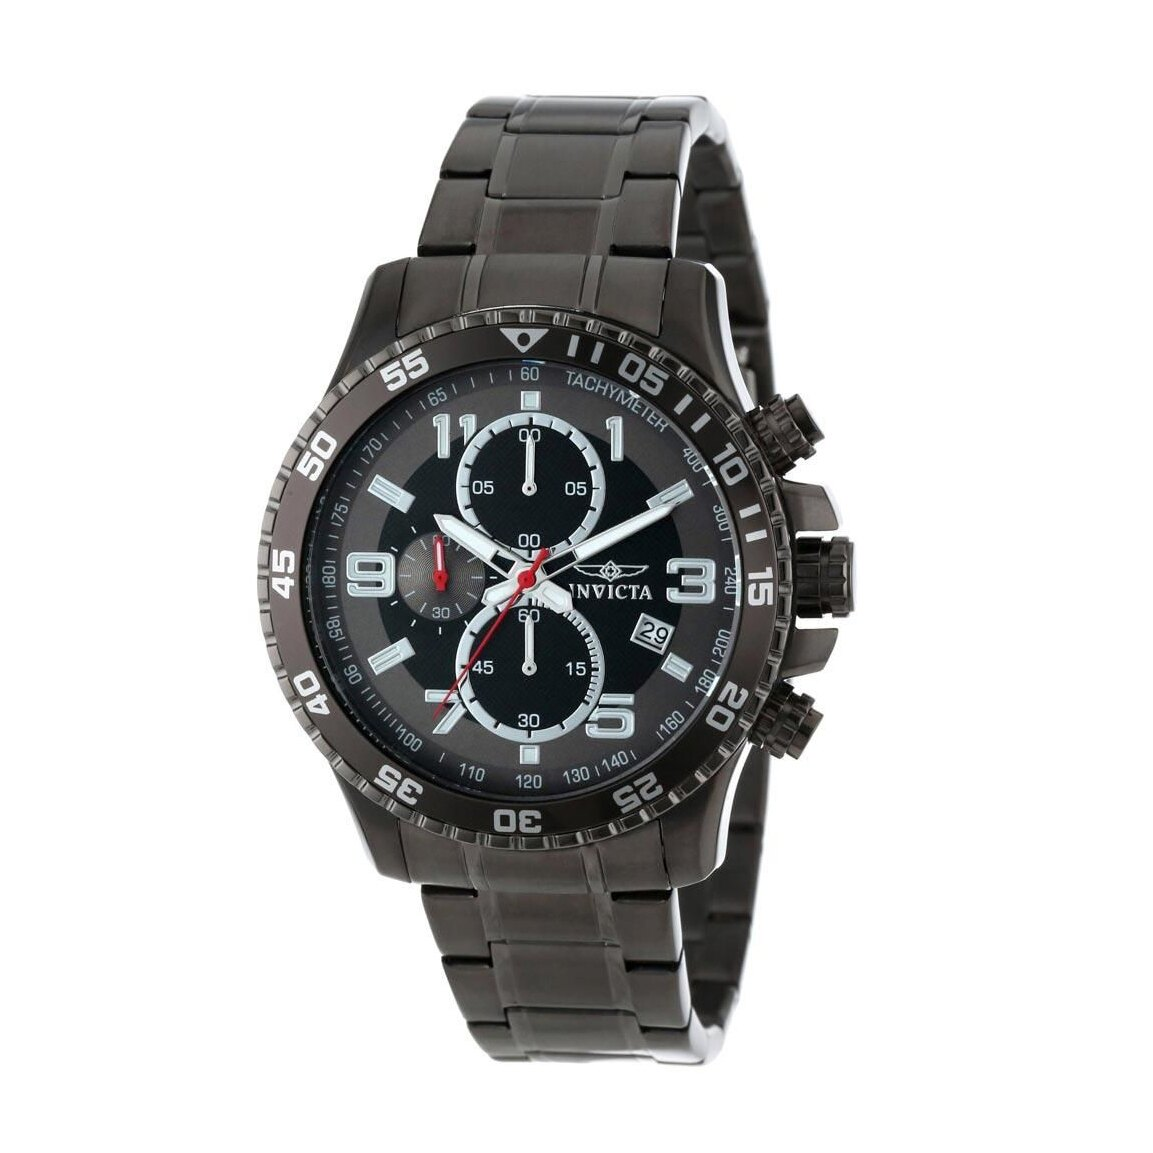 美國百分百【全新真品】INVICTA 黑灰錶盤 三眼計時 不鏽鋼錶帶 精品 手錶 腕錶 石英錶 14879 AY43